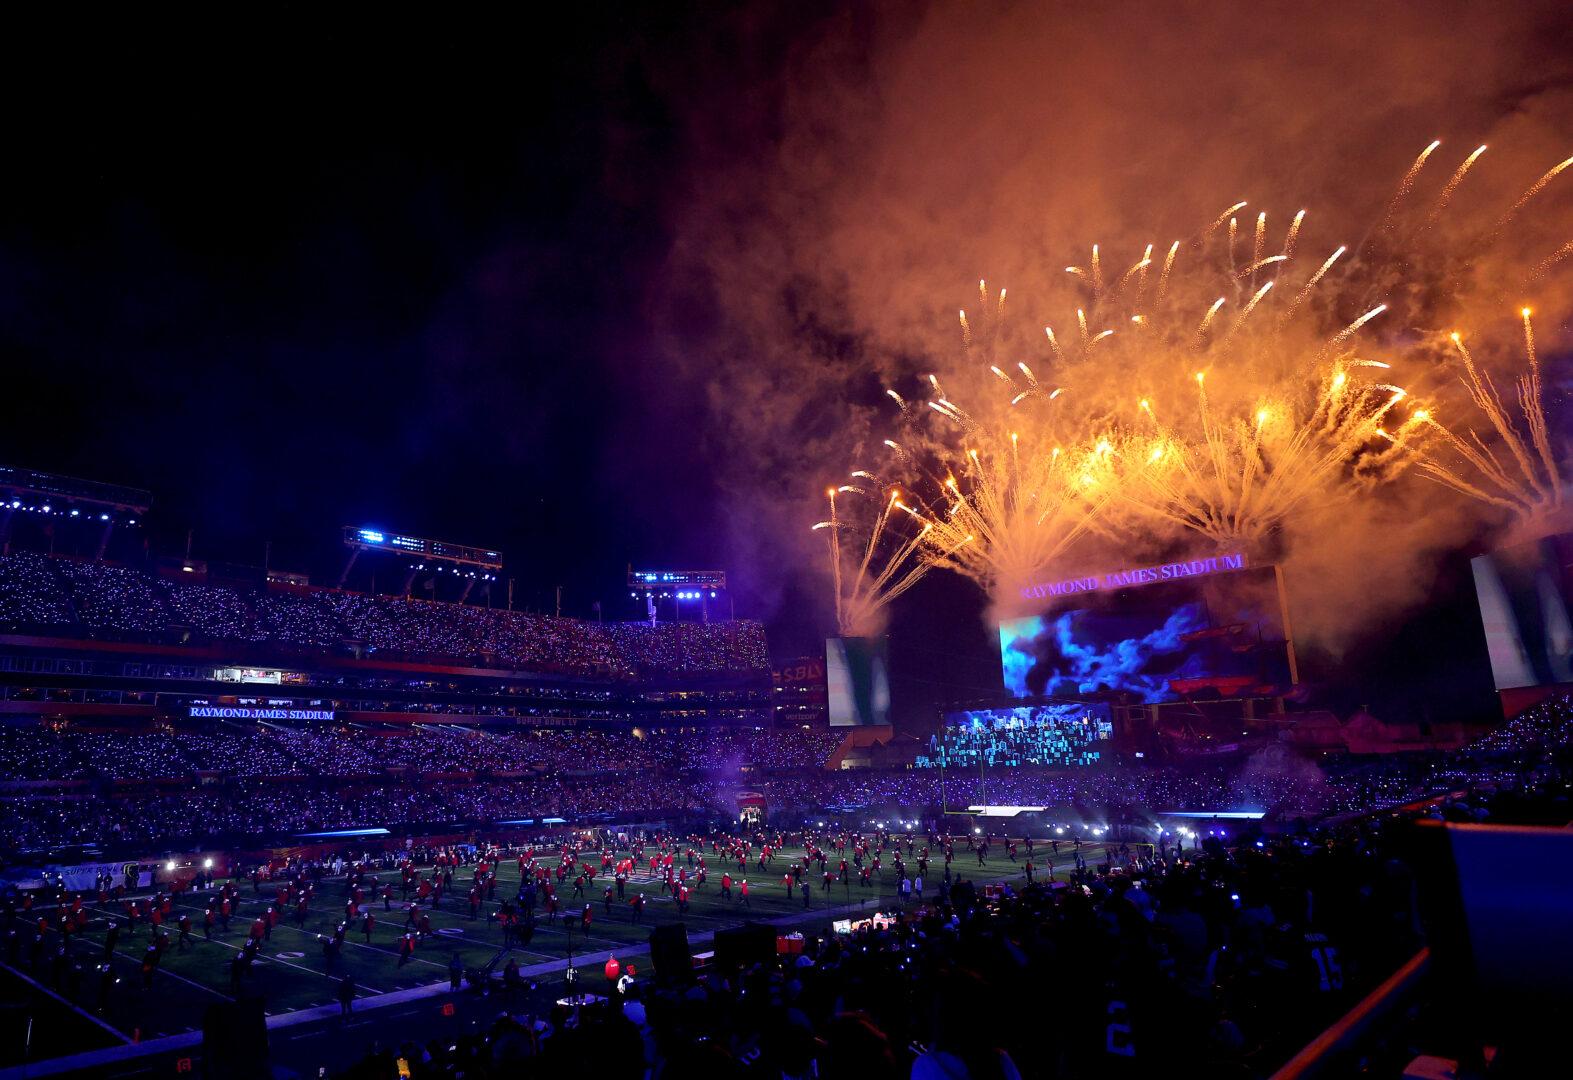 Die Show während der Halbzeitpause des Super Bowl.